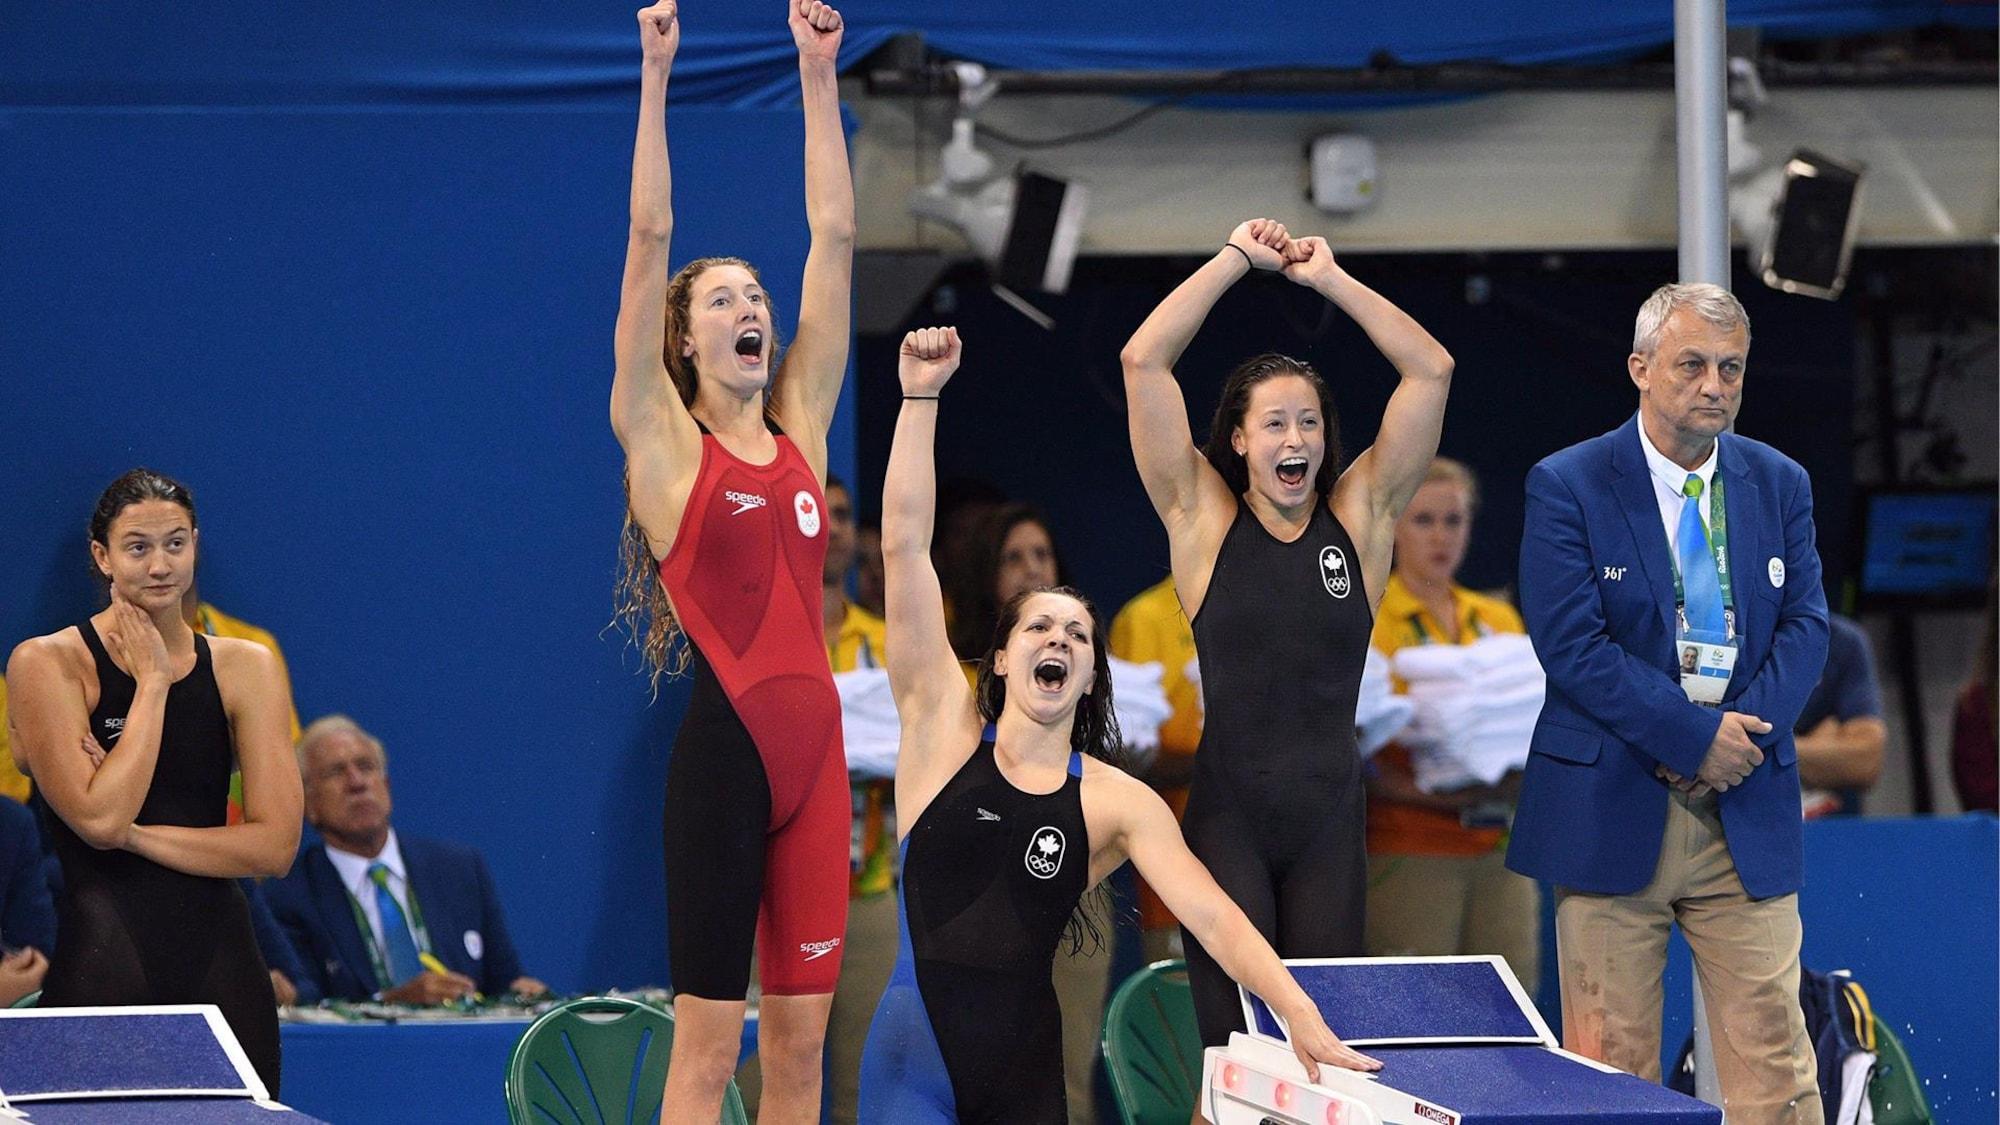 Trois nageuses lèvent les bras et crient de joie.